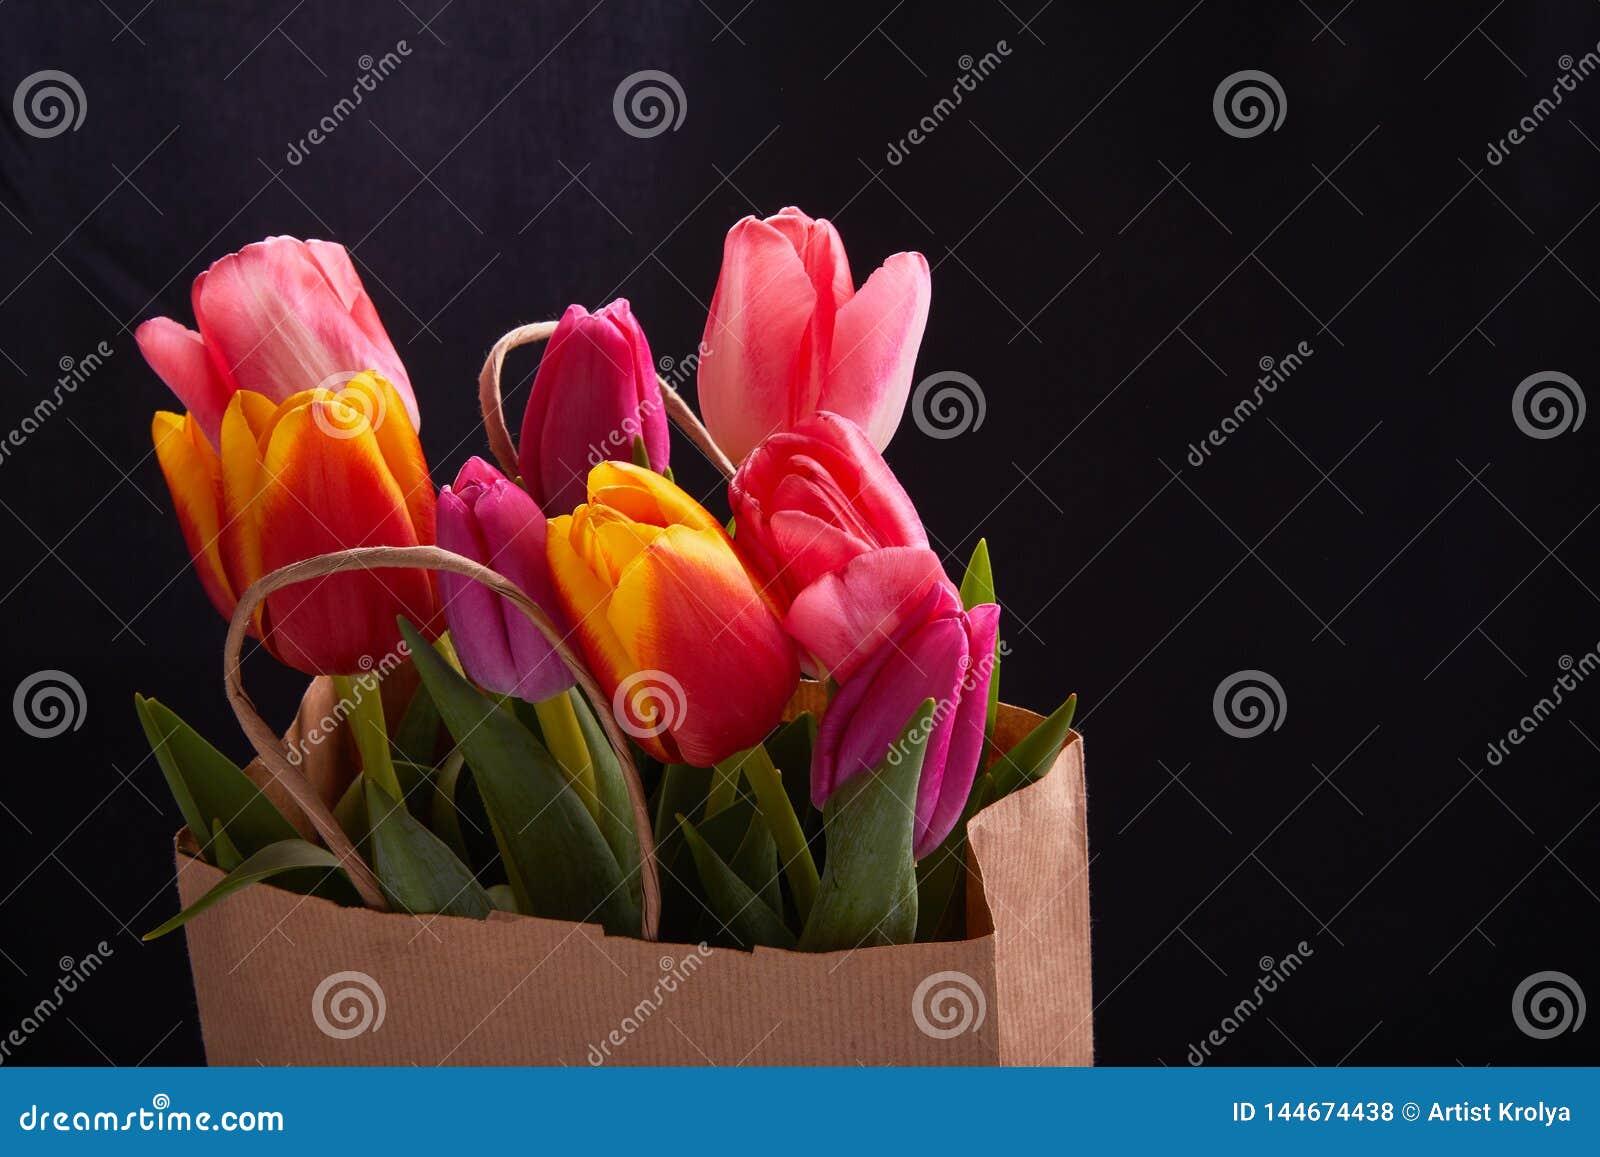 Verse roze tulpenbloemen in document zak